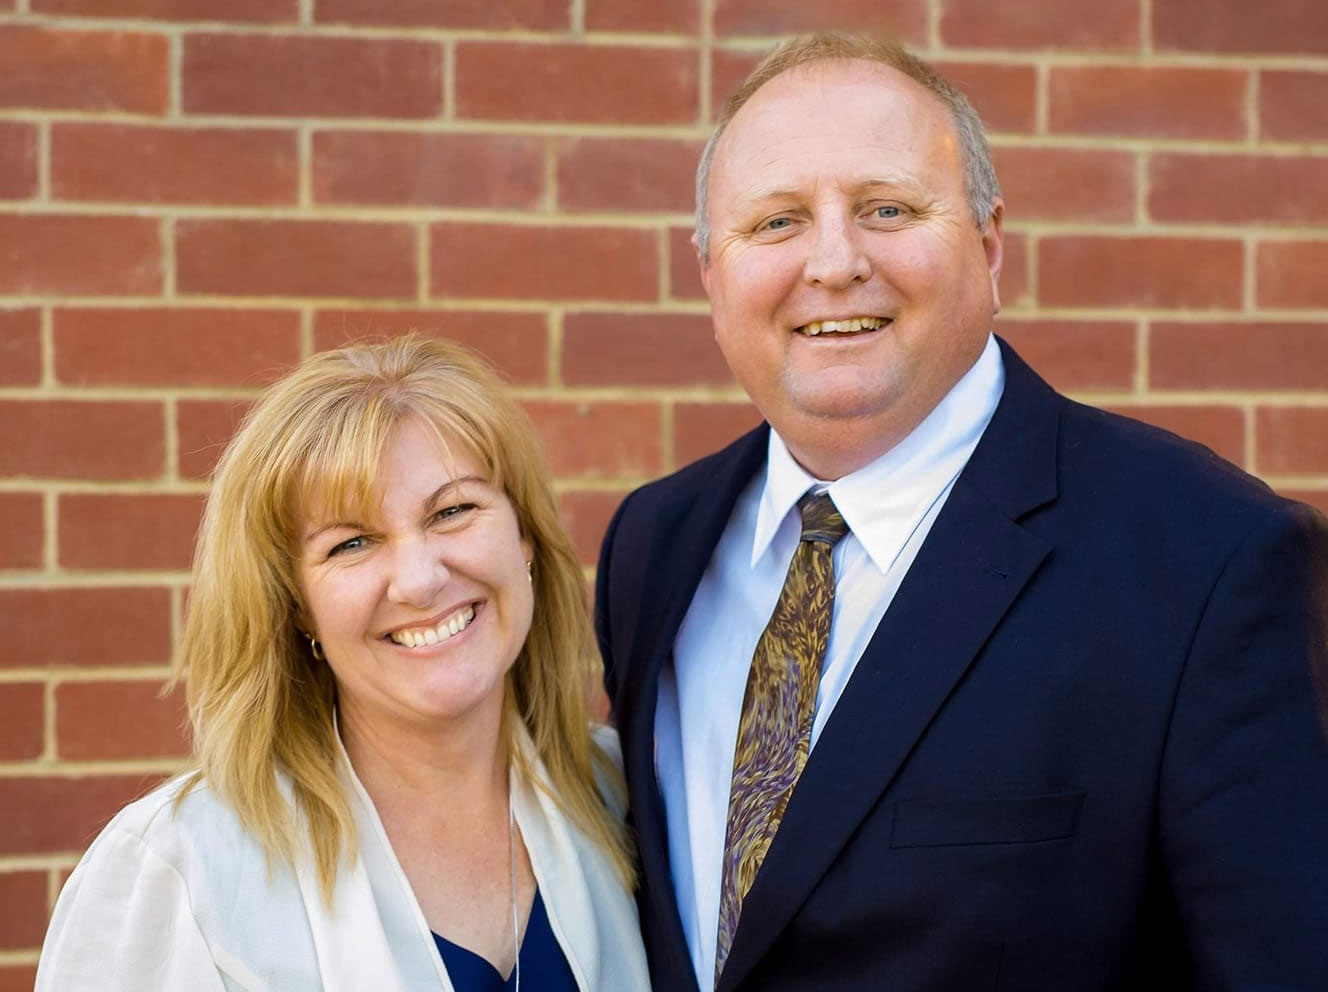 Steve Marijanich and his wife, Kym Marijanich.